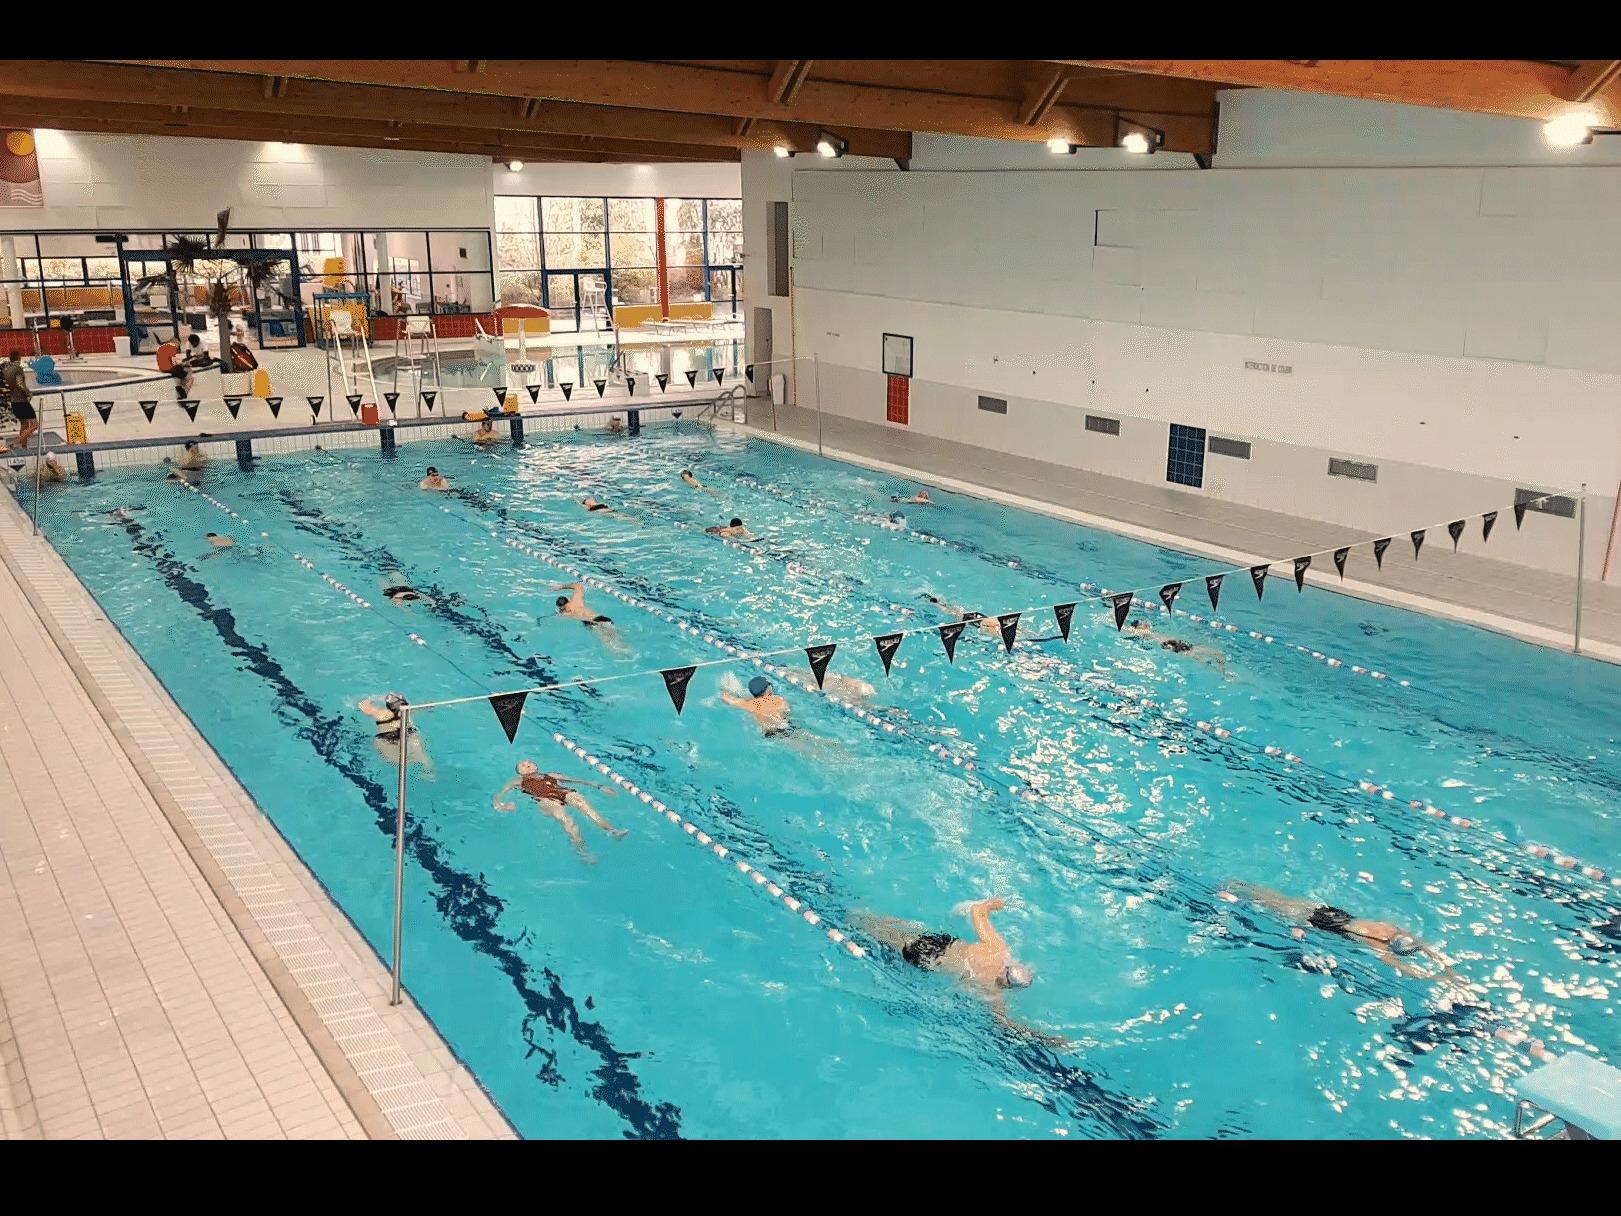 Salles De Sport Avec Piscine À Conflans-Sainte-Honorine : Le ... tout Piscine Conflans